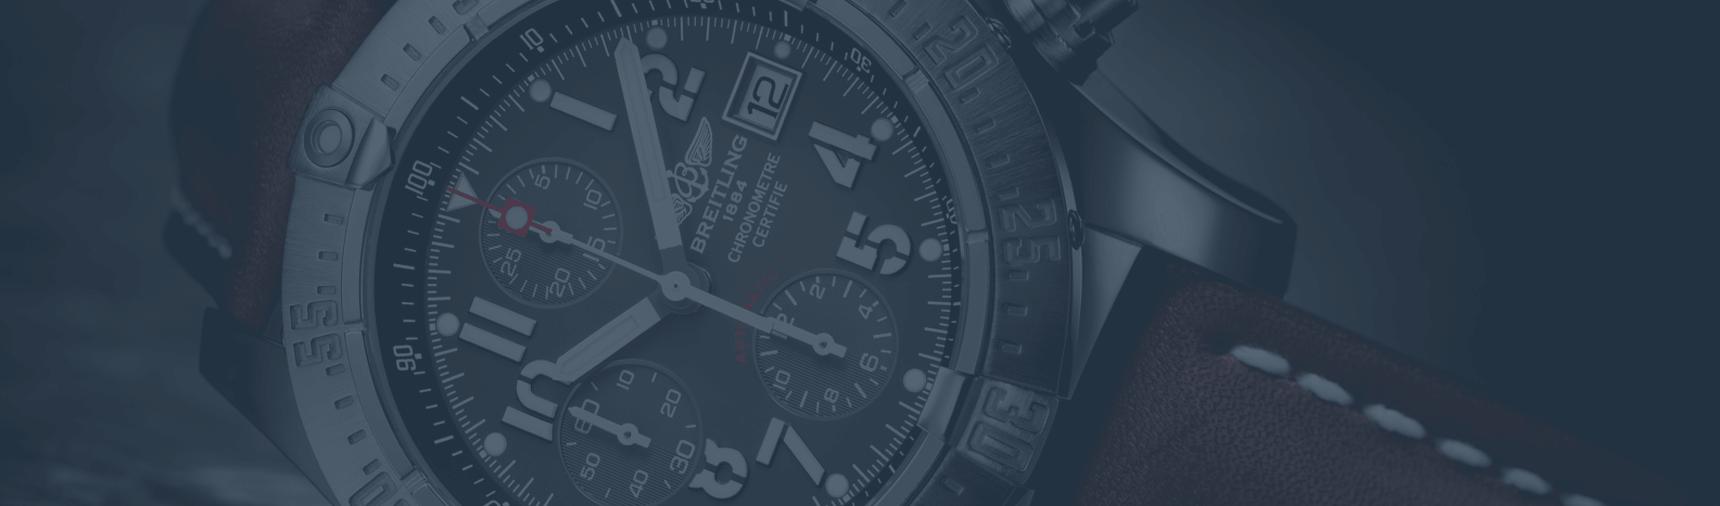 Процентная ставка от 2% # залог швейцарских часов по максимальной цене